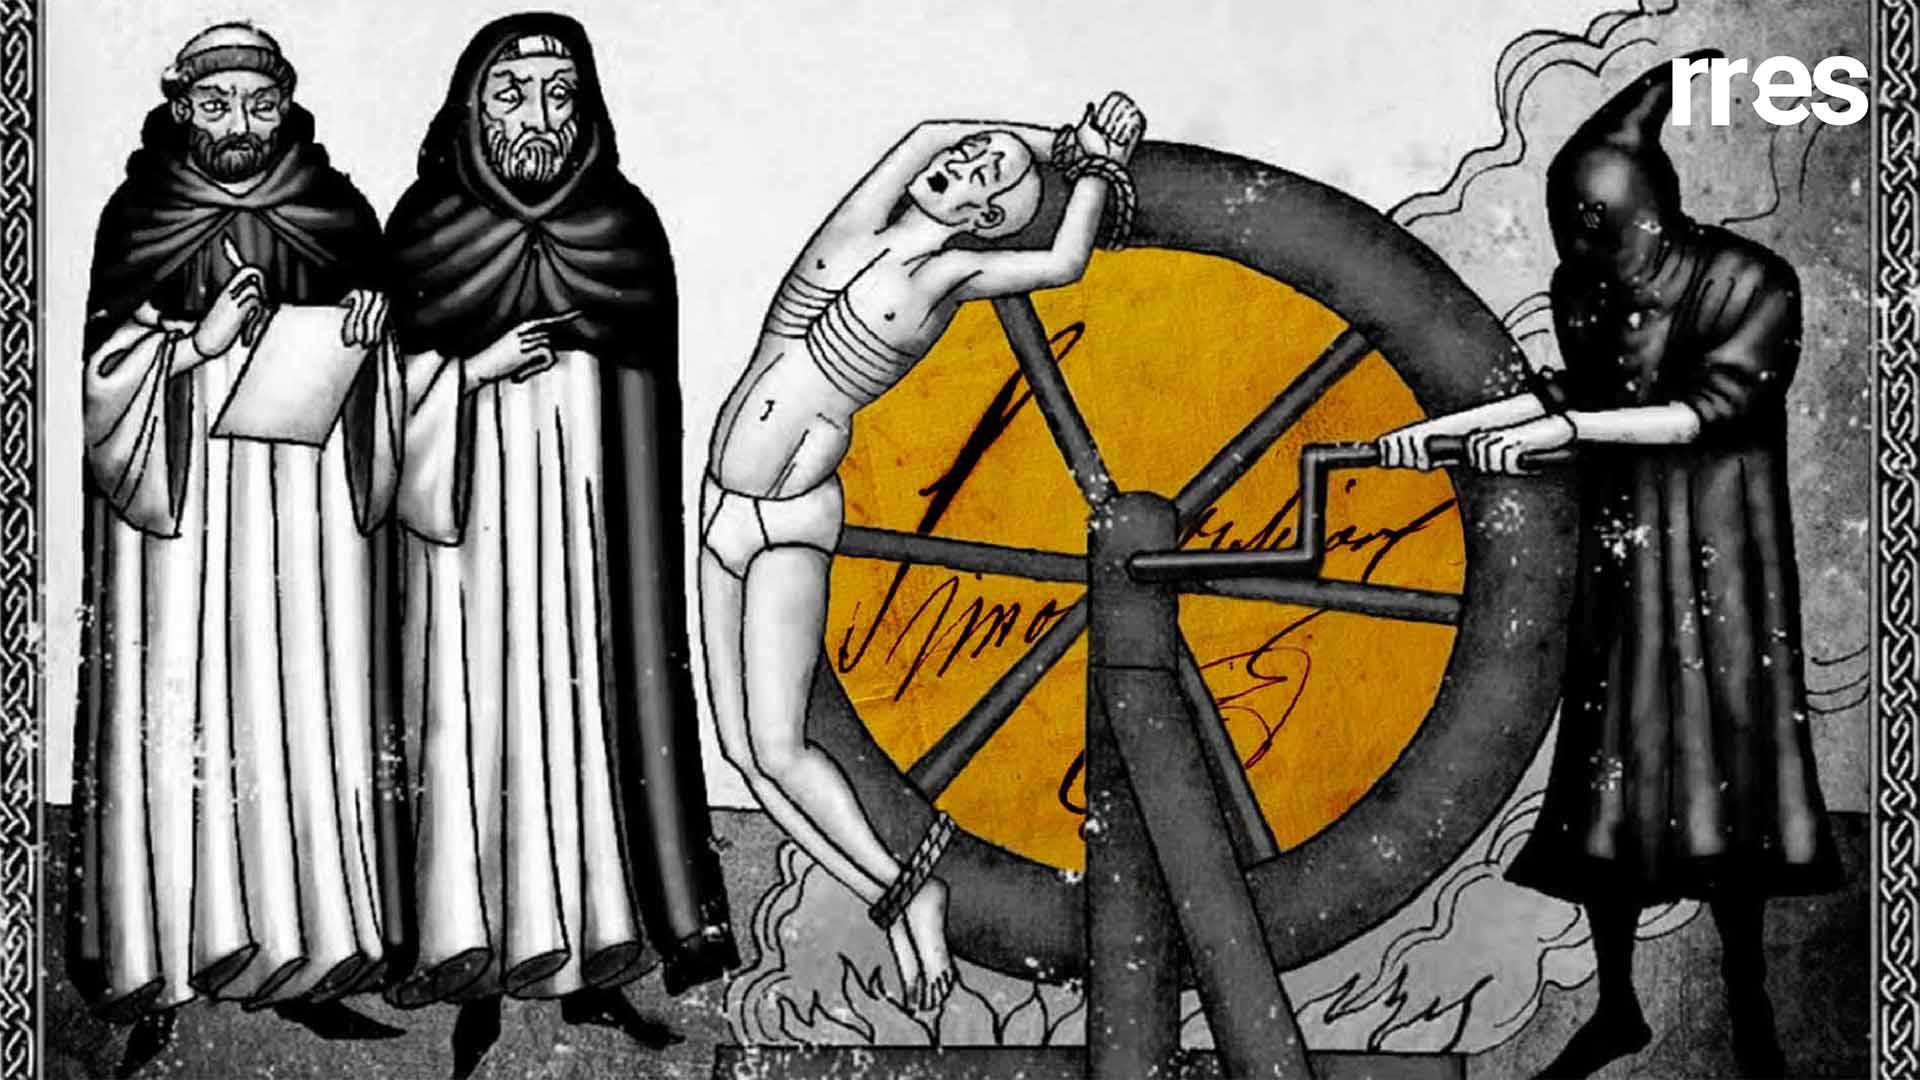 #10DocumentosBolivarianos | El Poder Moral, o la Inquisición republicana, por Elías Pino Iturrieta